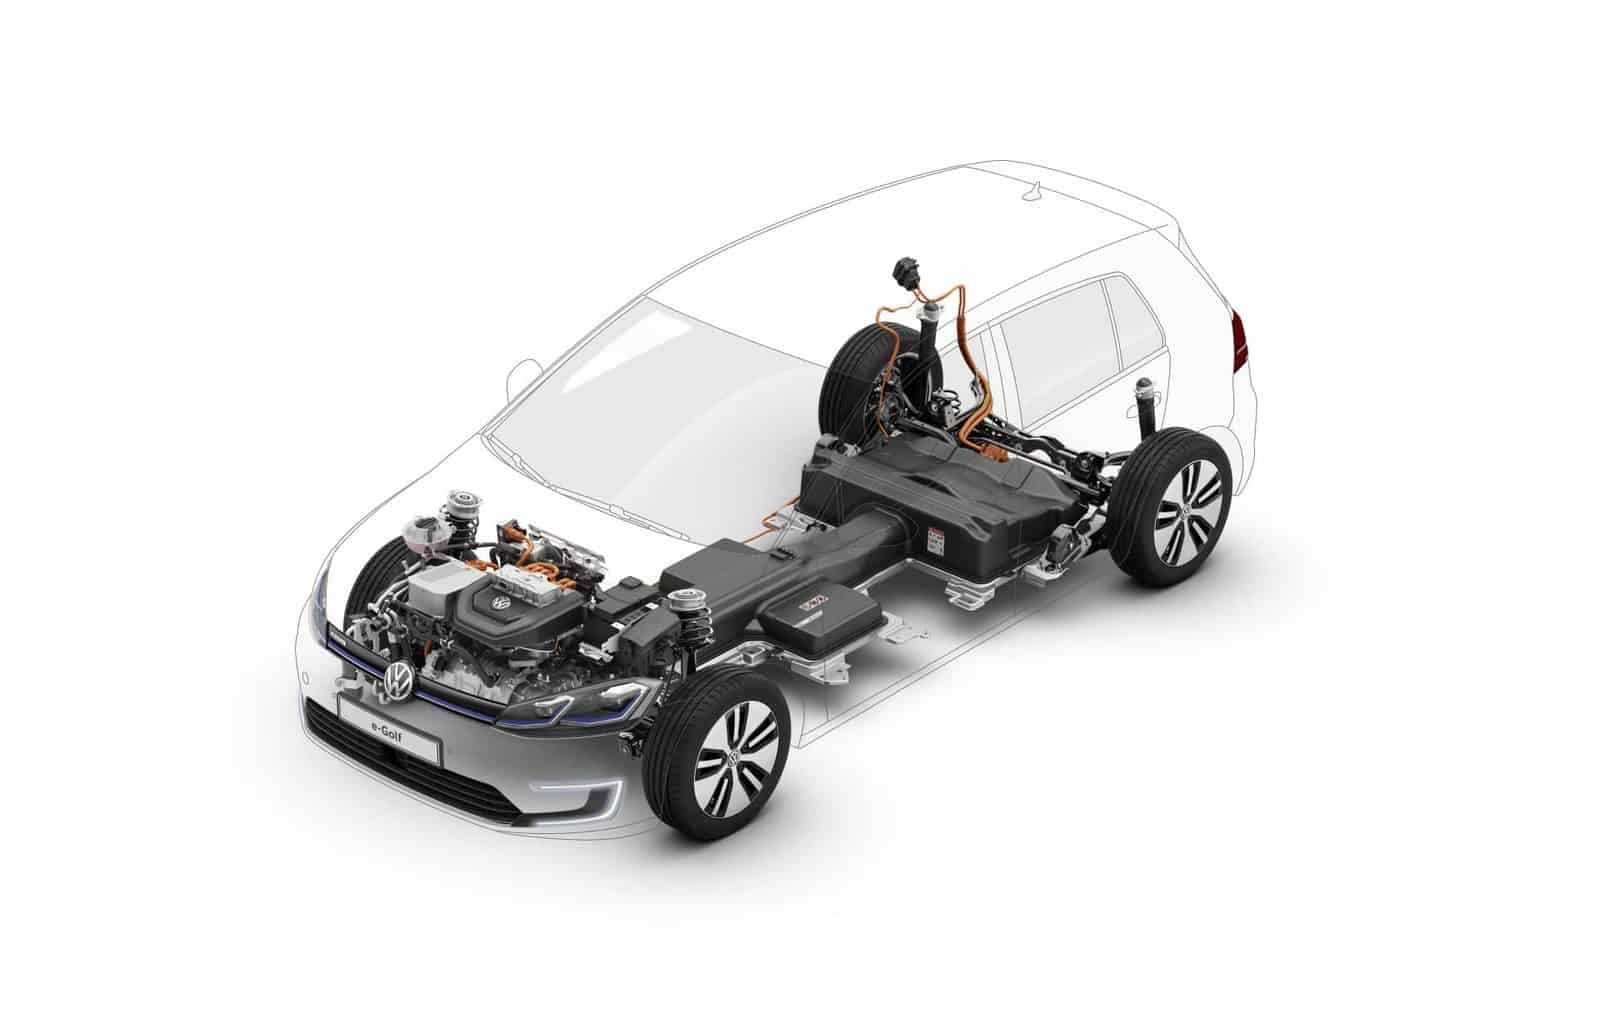 VW sieht neues Geschäftsfeld im Einsatz von E-Autos als Energie-Speicher